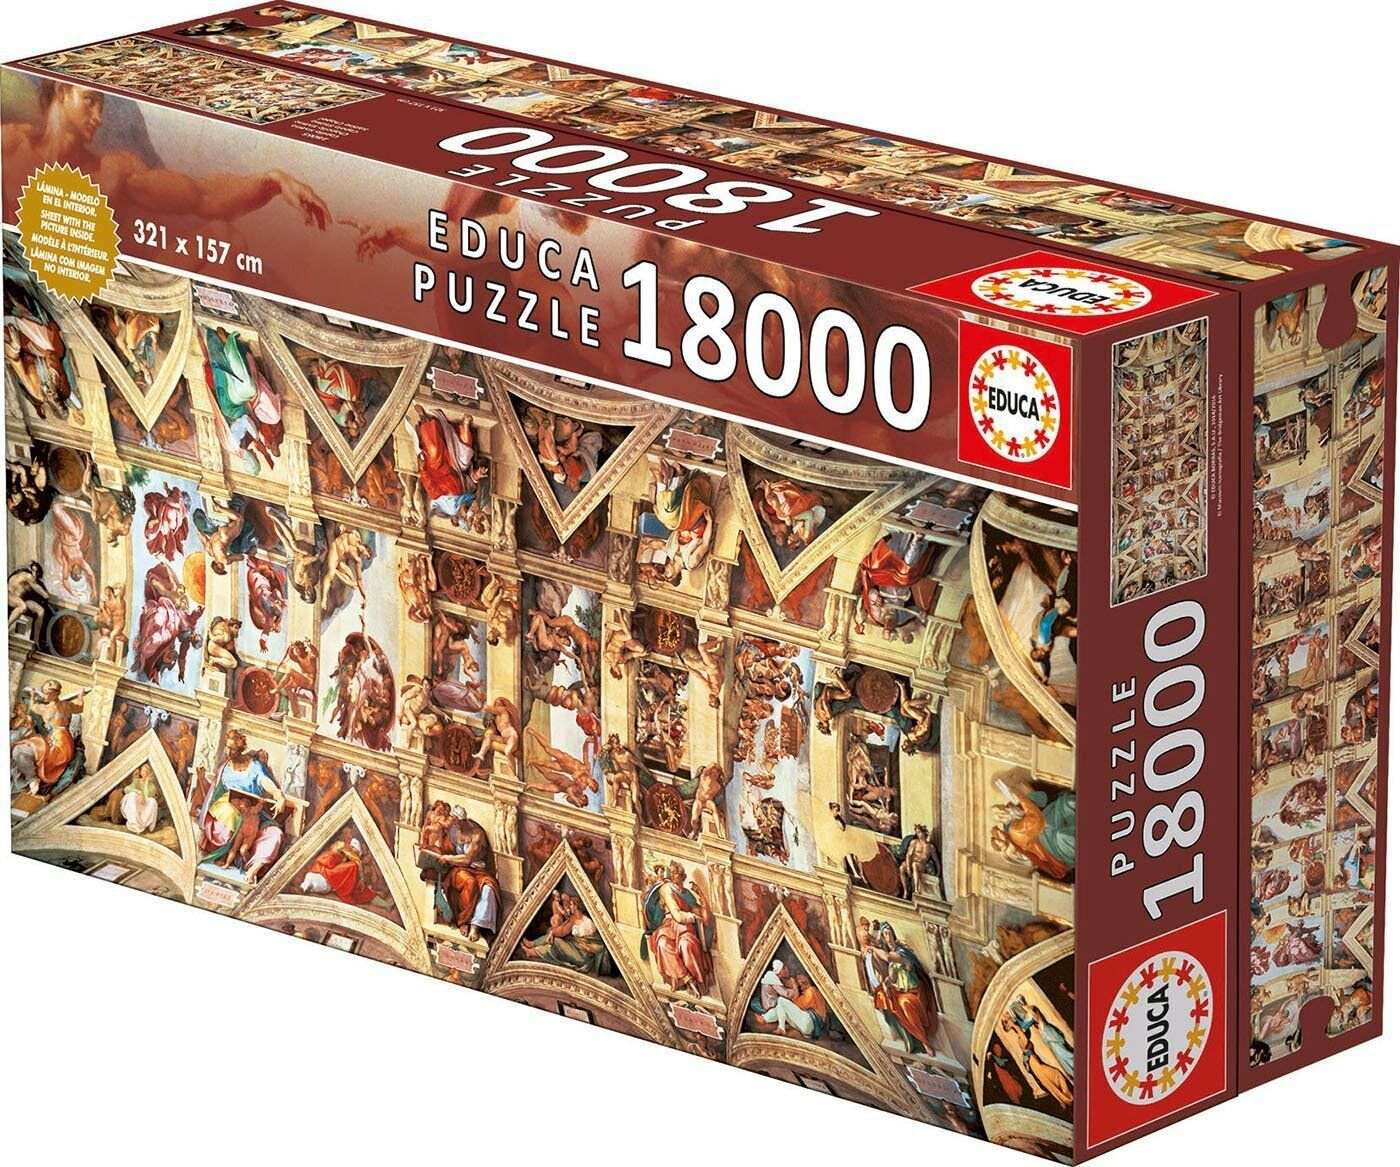 Educa 16065. La Capilla Sixtina. Puzzle de 18000 piezas. 321x157cm